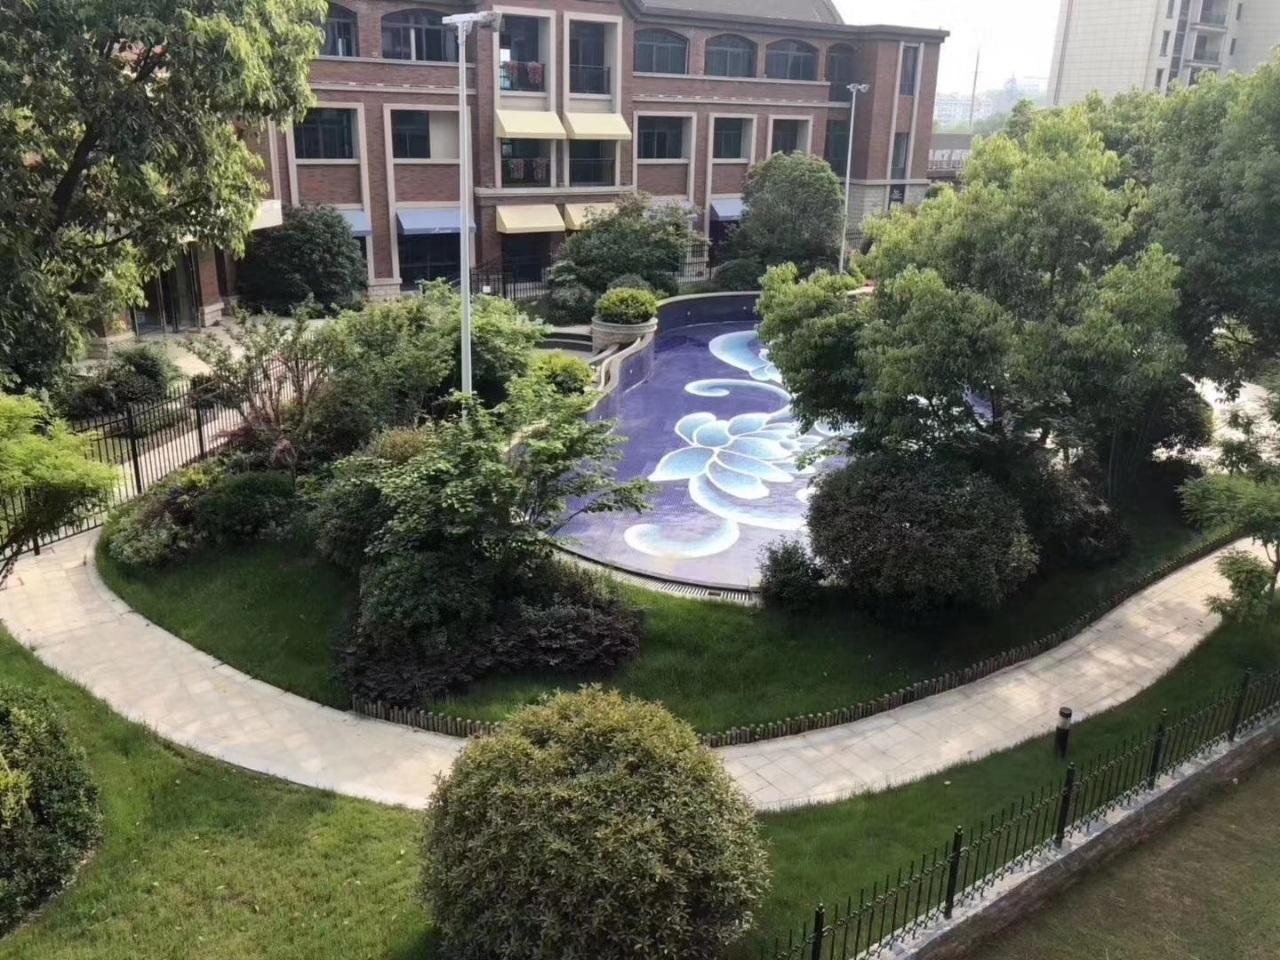 威尼斯人线上平台·碧桂园3室2厅1卫72万元